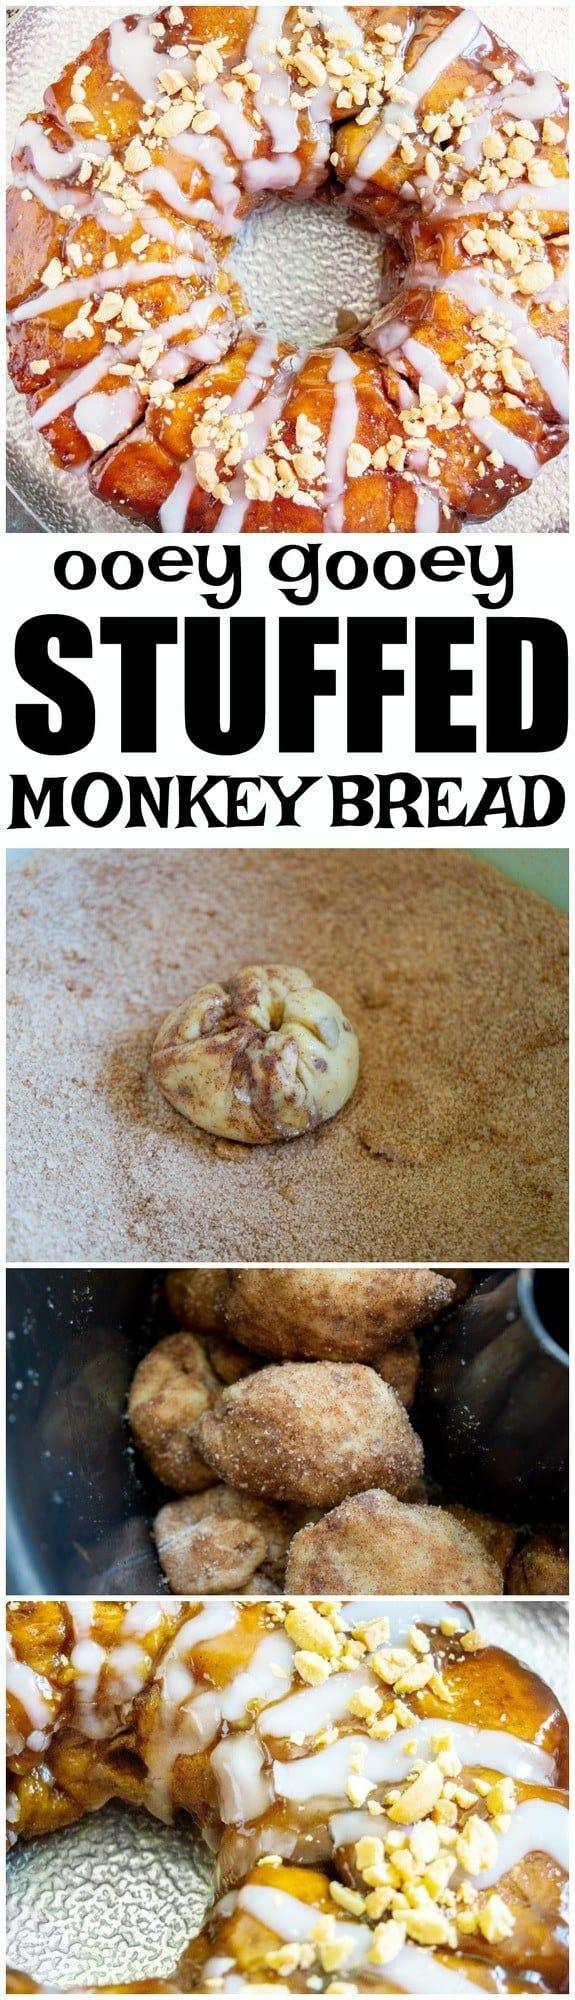 stuffed monkey bread